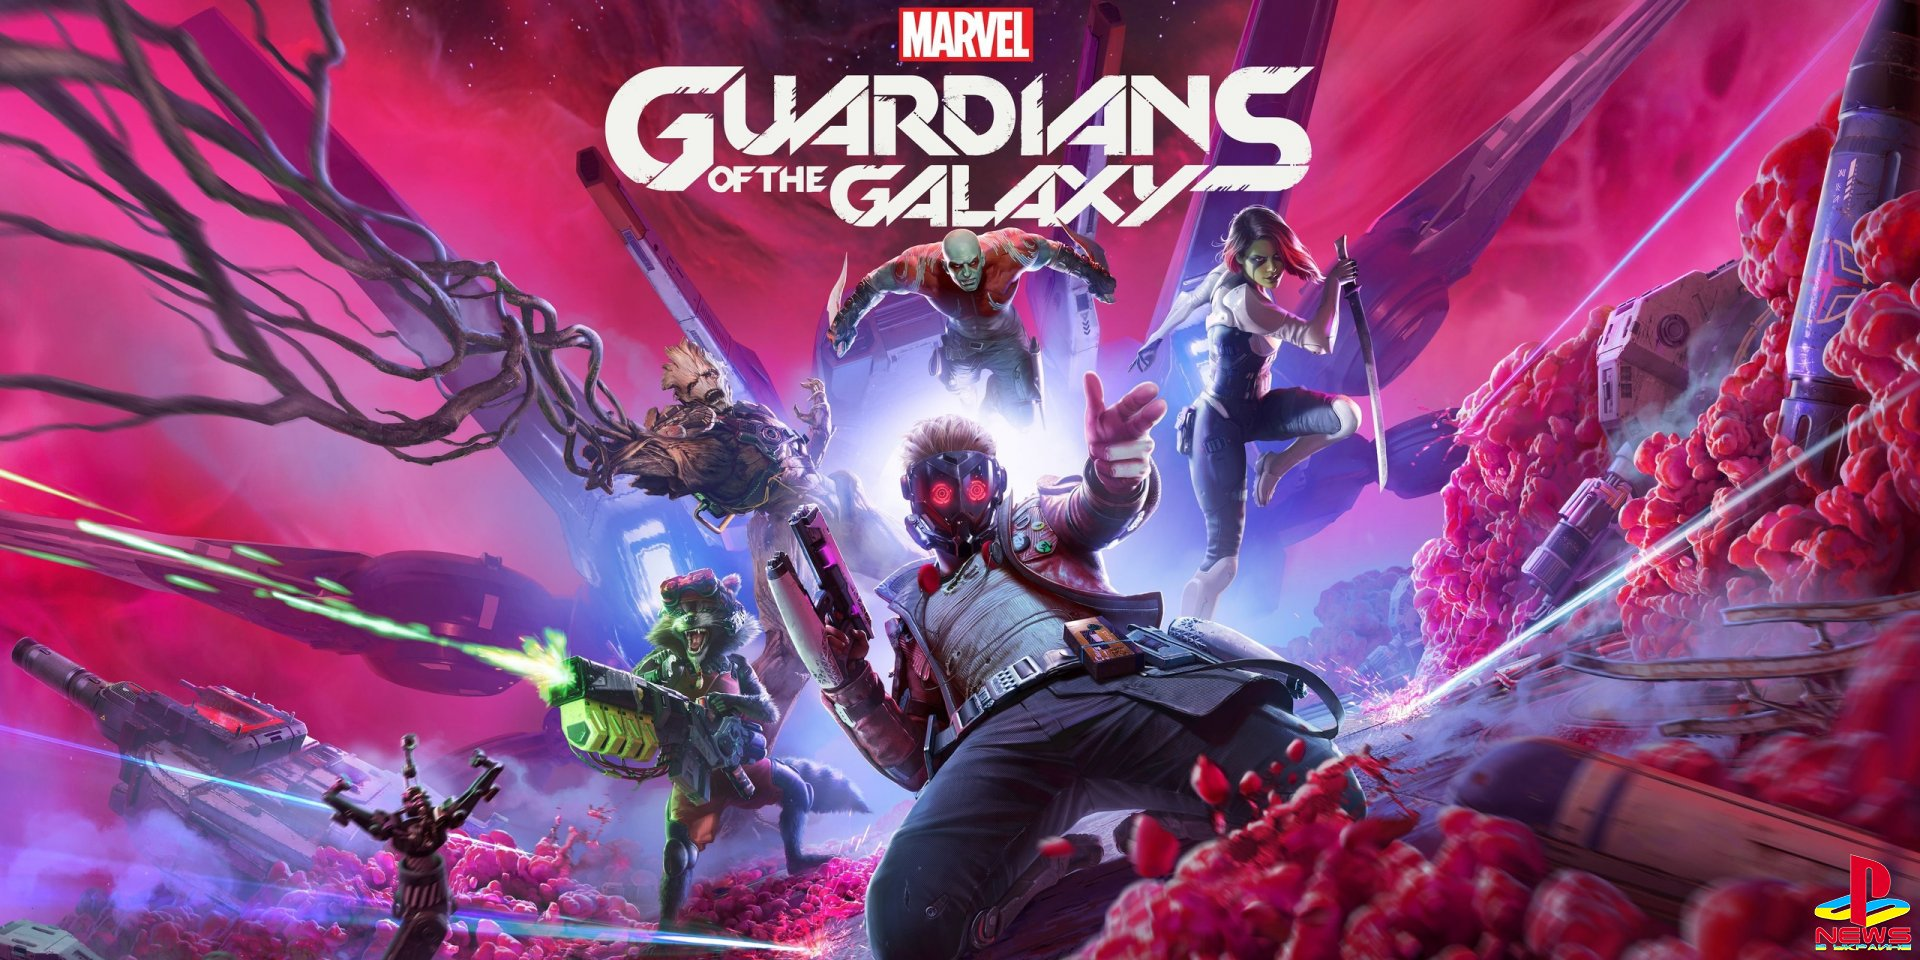 Геймдиректор Guardians of the Galaxy рассказал о грядущем экшене